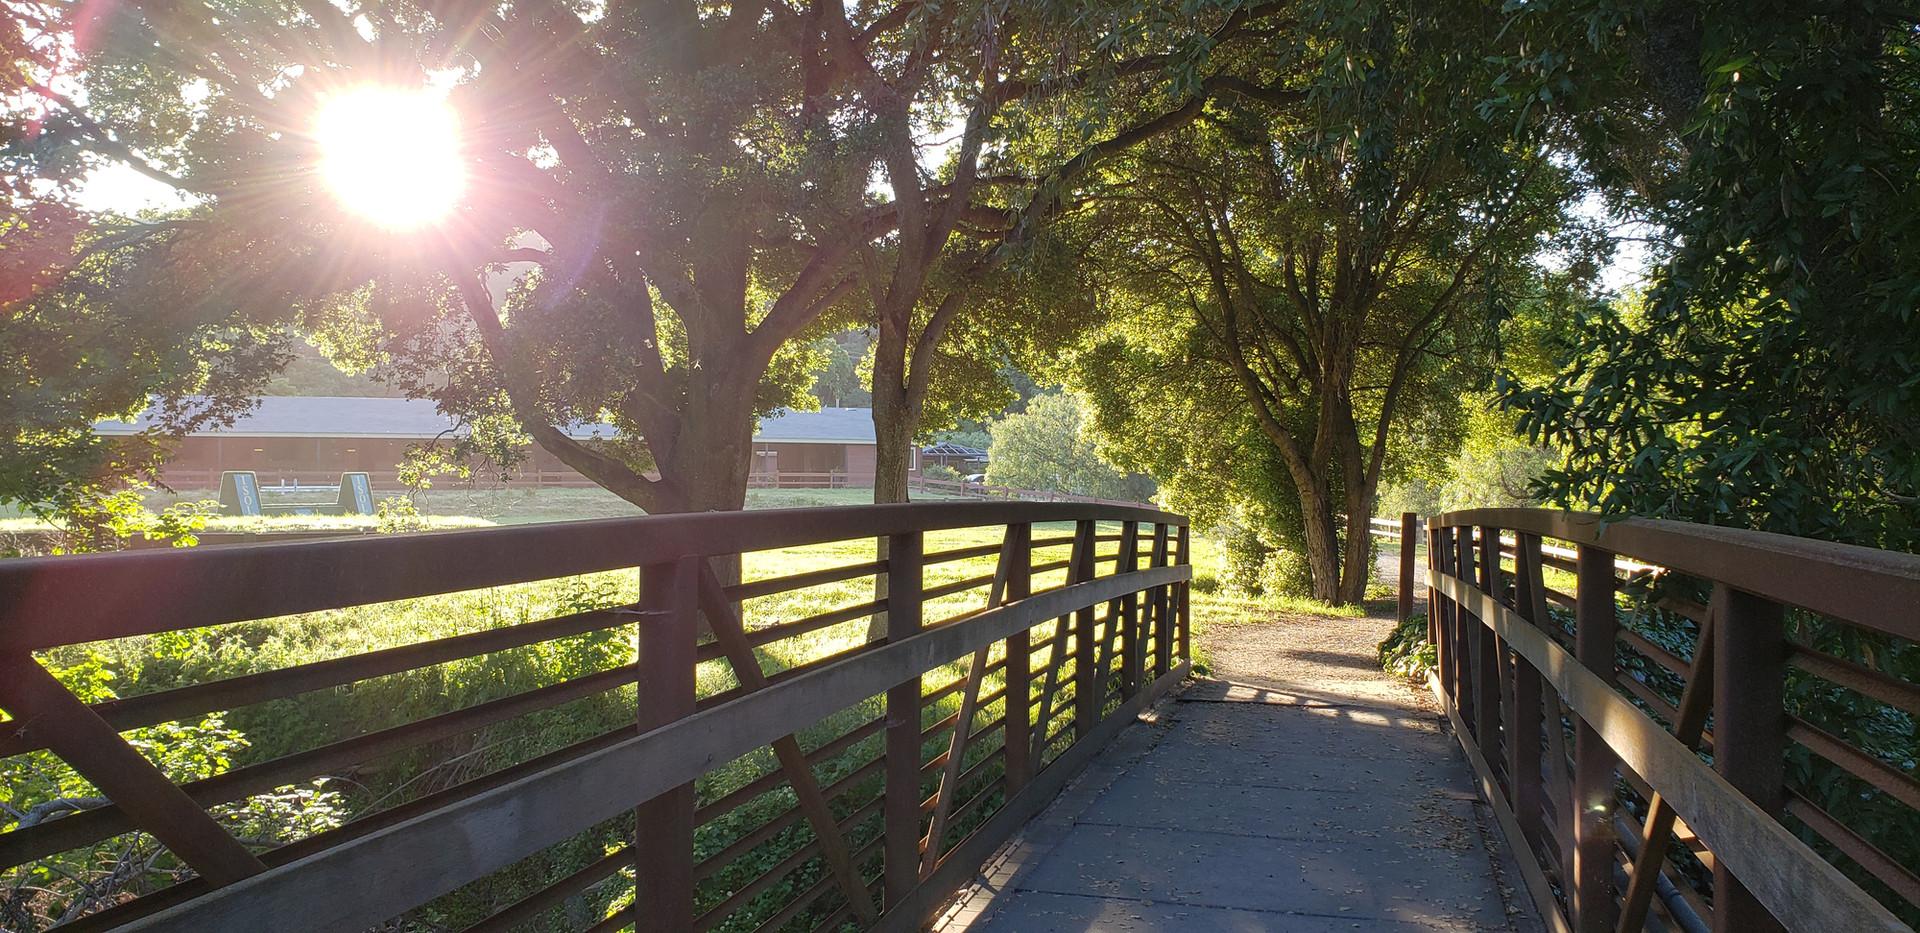 Bridge to Riding Academy